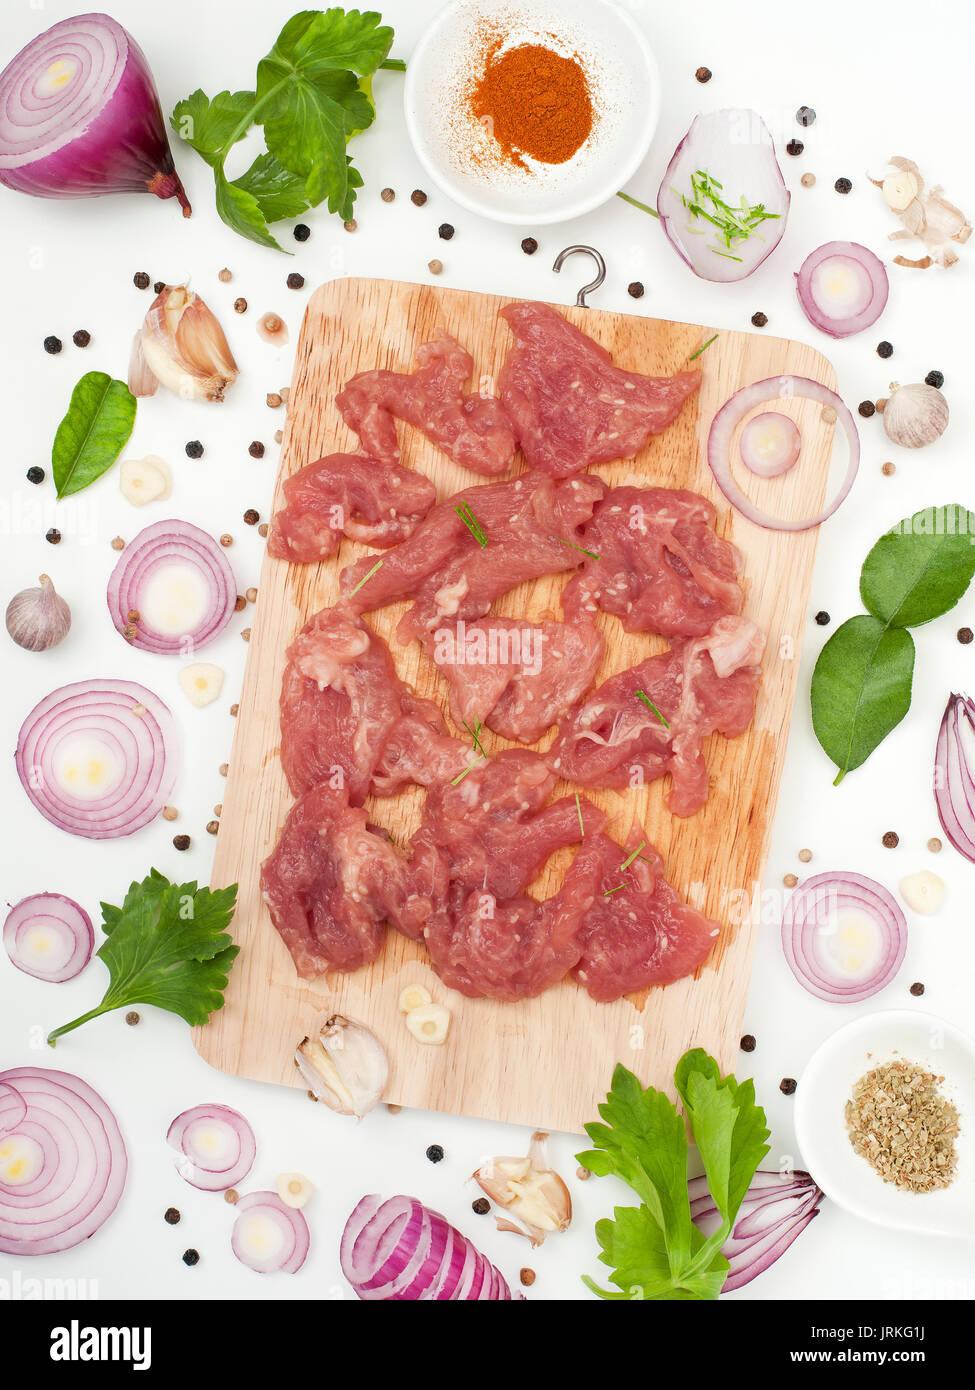 Kraut mariniertes Schweinefleisch mit Sesam leckere und Duft asiatische Lebensmittel Stil Stockbild